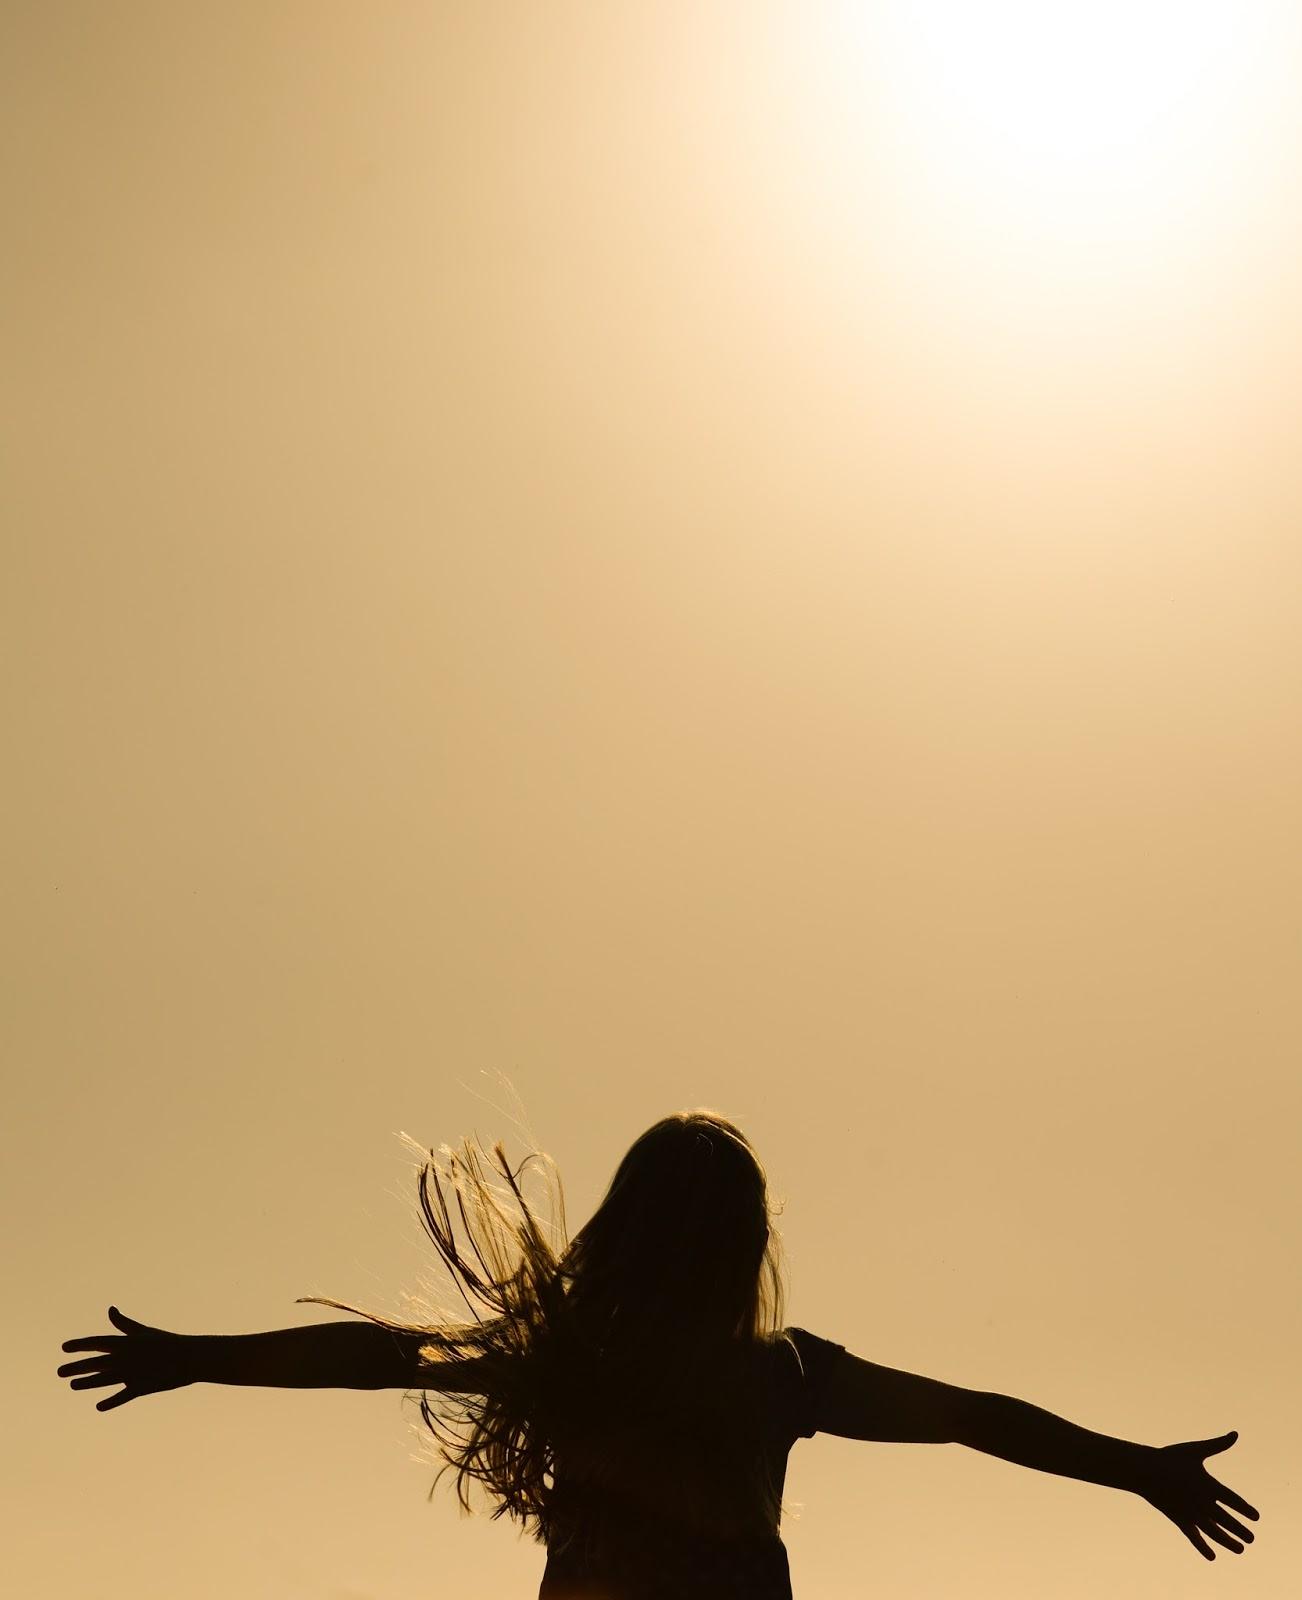 Estar em um ministério de dança requer coragem!, Mulher de braços abertos, Blog Dança Cristã, por Milene Oliveira.